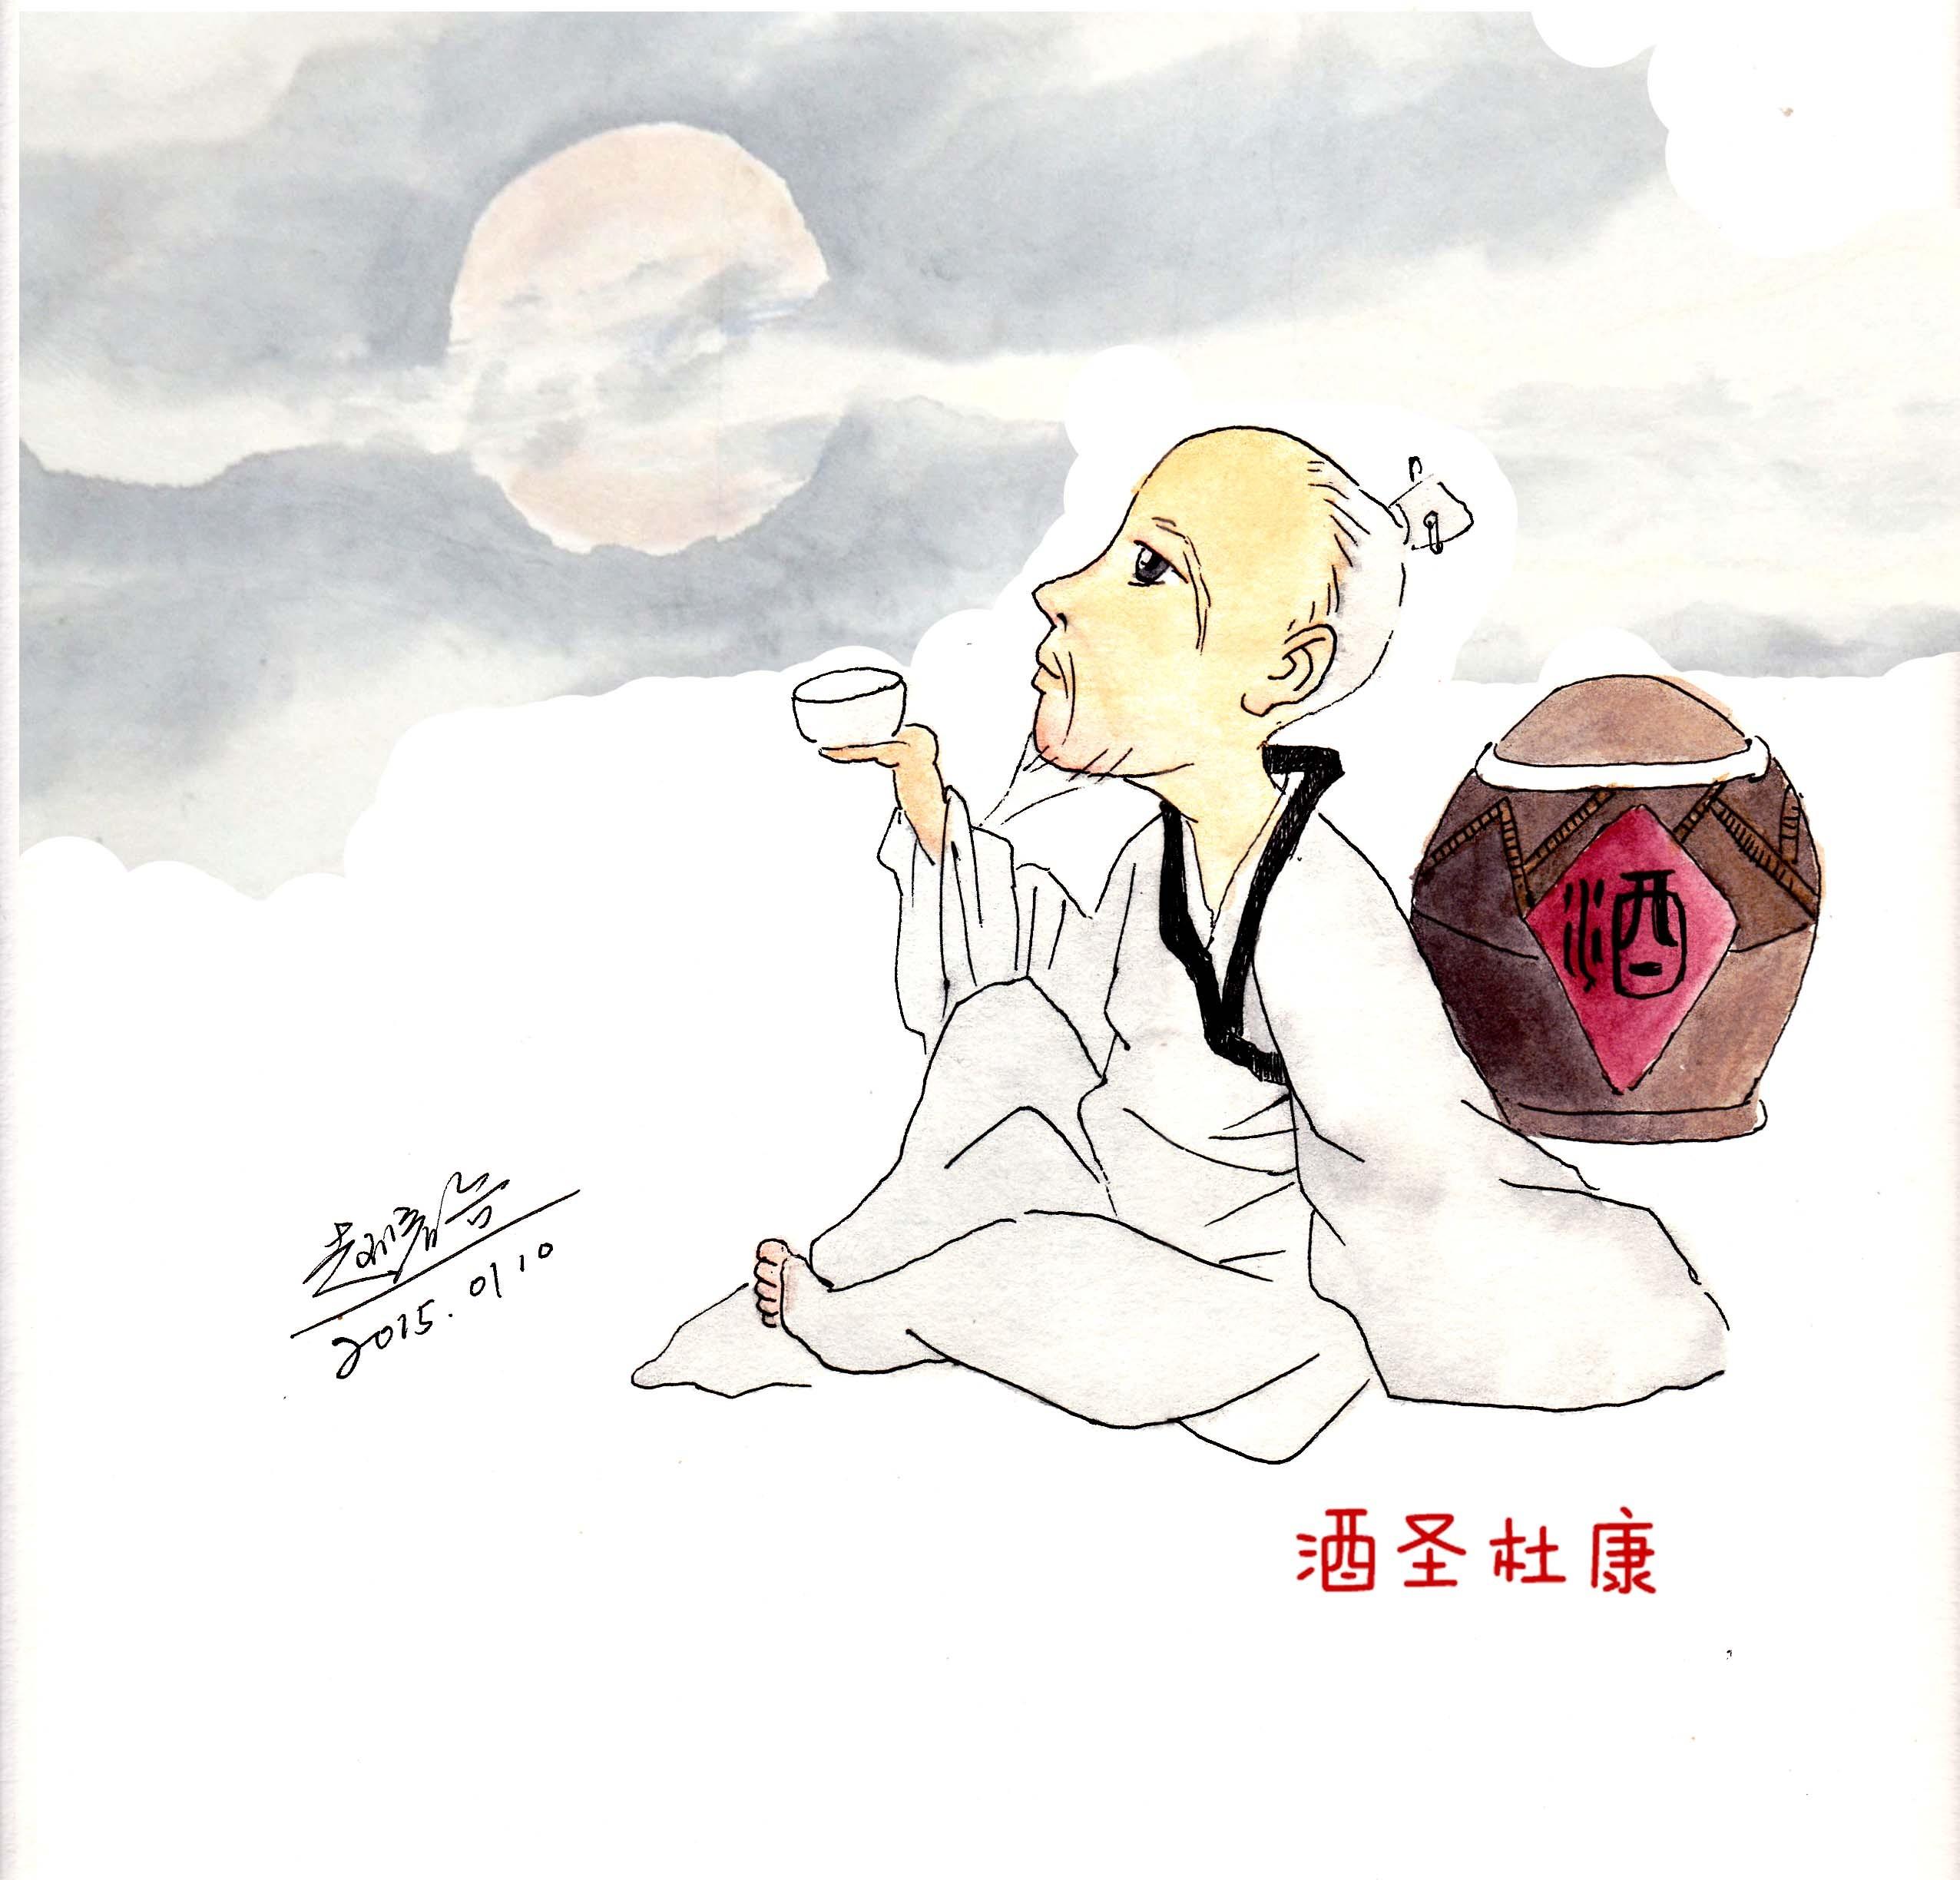 中国圣人肖像动漫|漫画|漫画漫画|zhaoshuhe12传统单彩污图片